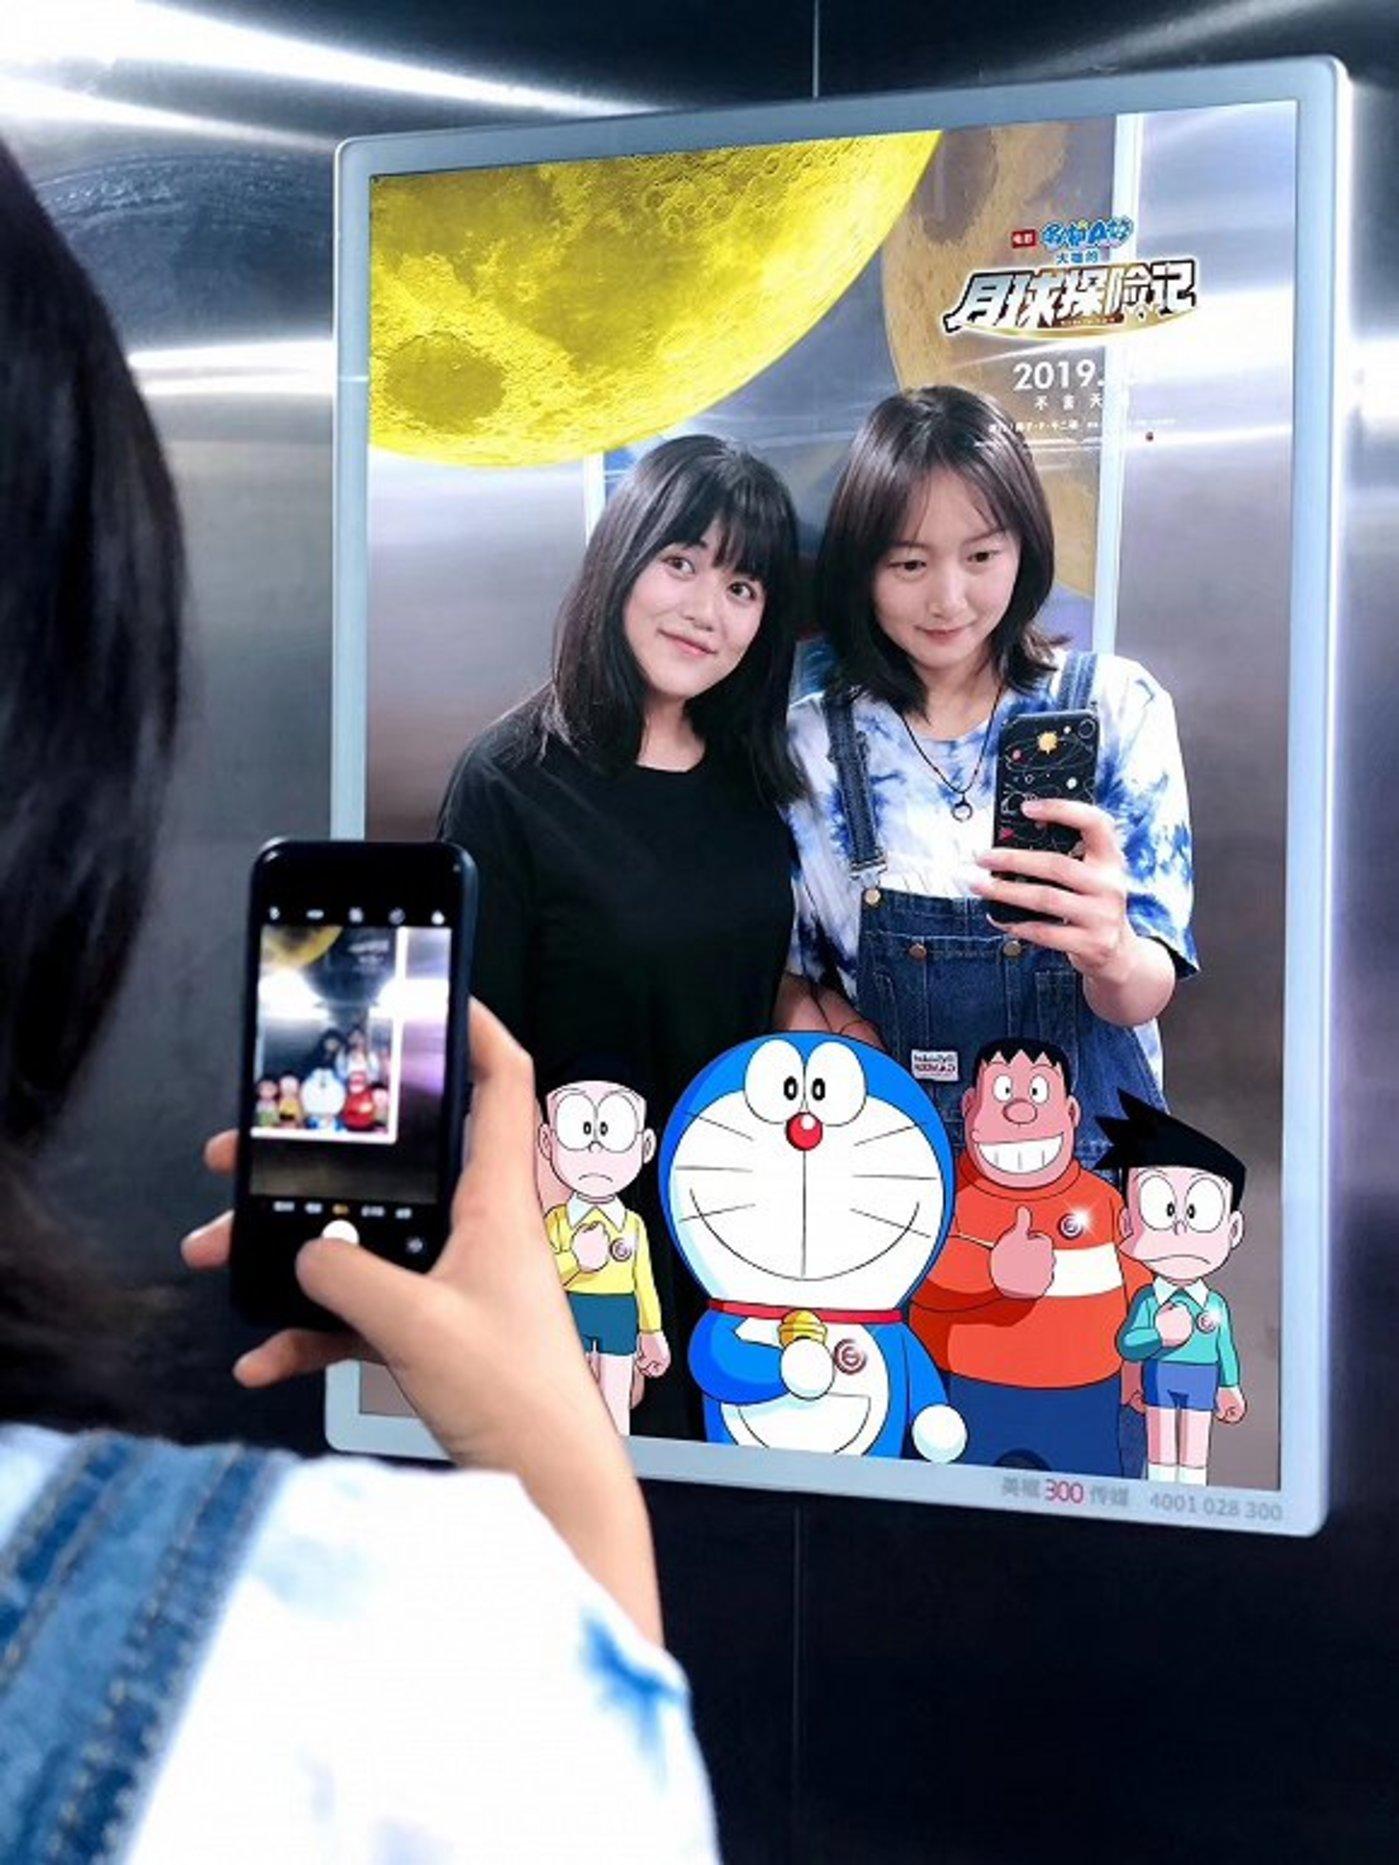 《哆啦A梦:大雄的月球探险》电影电梯互动式海报广告 图片来源:新潮传媒